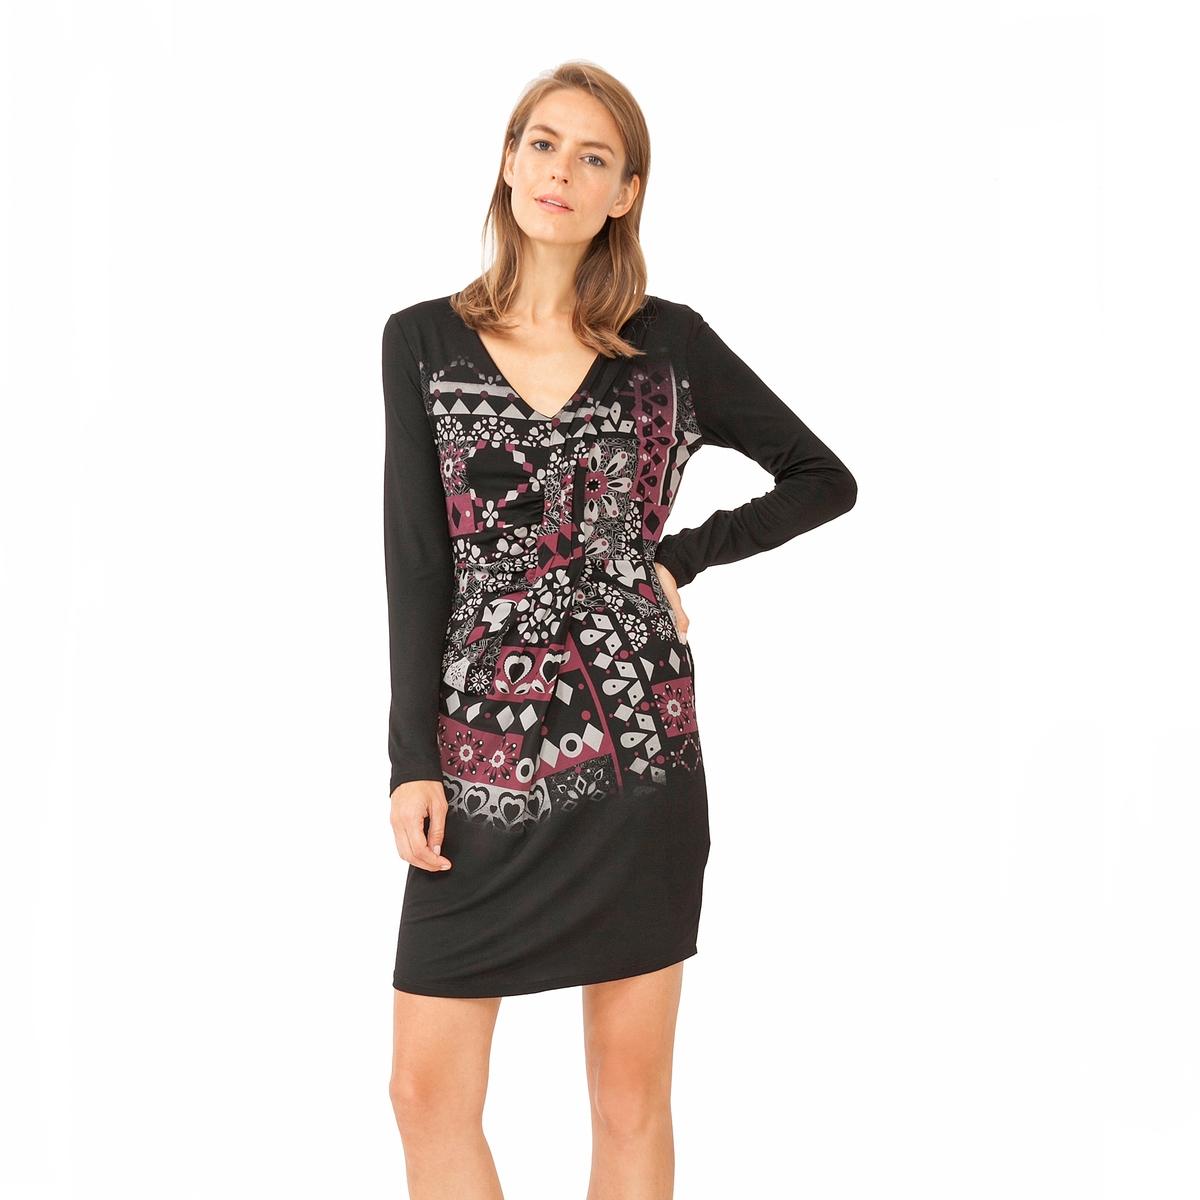 Платье с запахом Vest AzaharaСостав и описаниеМатериалы : 100% вискозаМарка : DesigualМодель : Vest AzaharaУходСледуйте инструкции по уходу на этикетке<br><br>Цвет: черный<br>Размер: L.XL.XXL